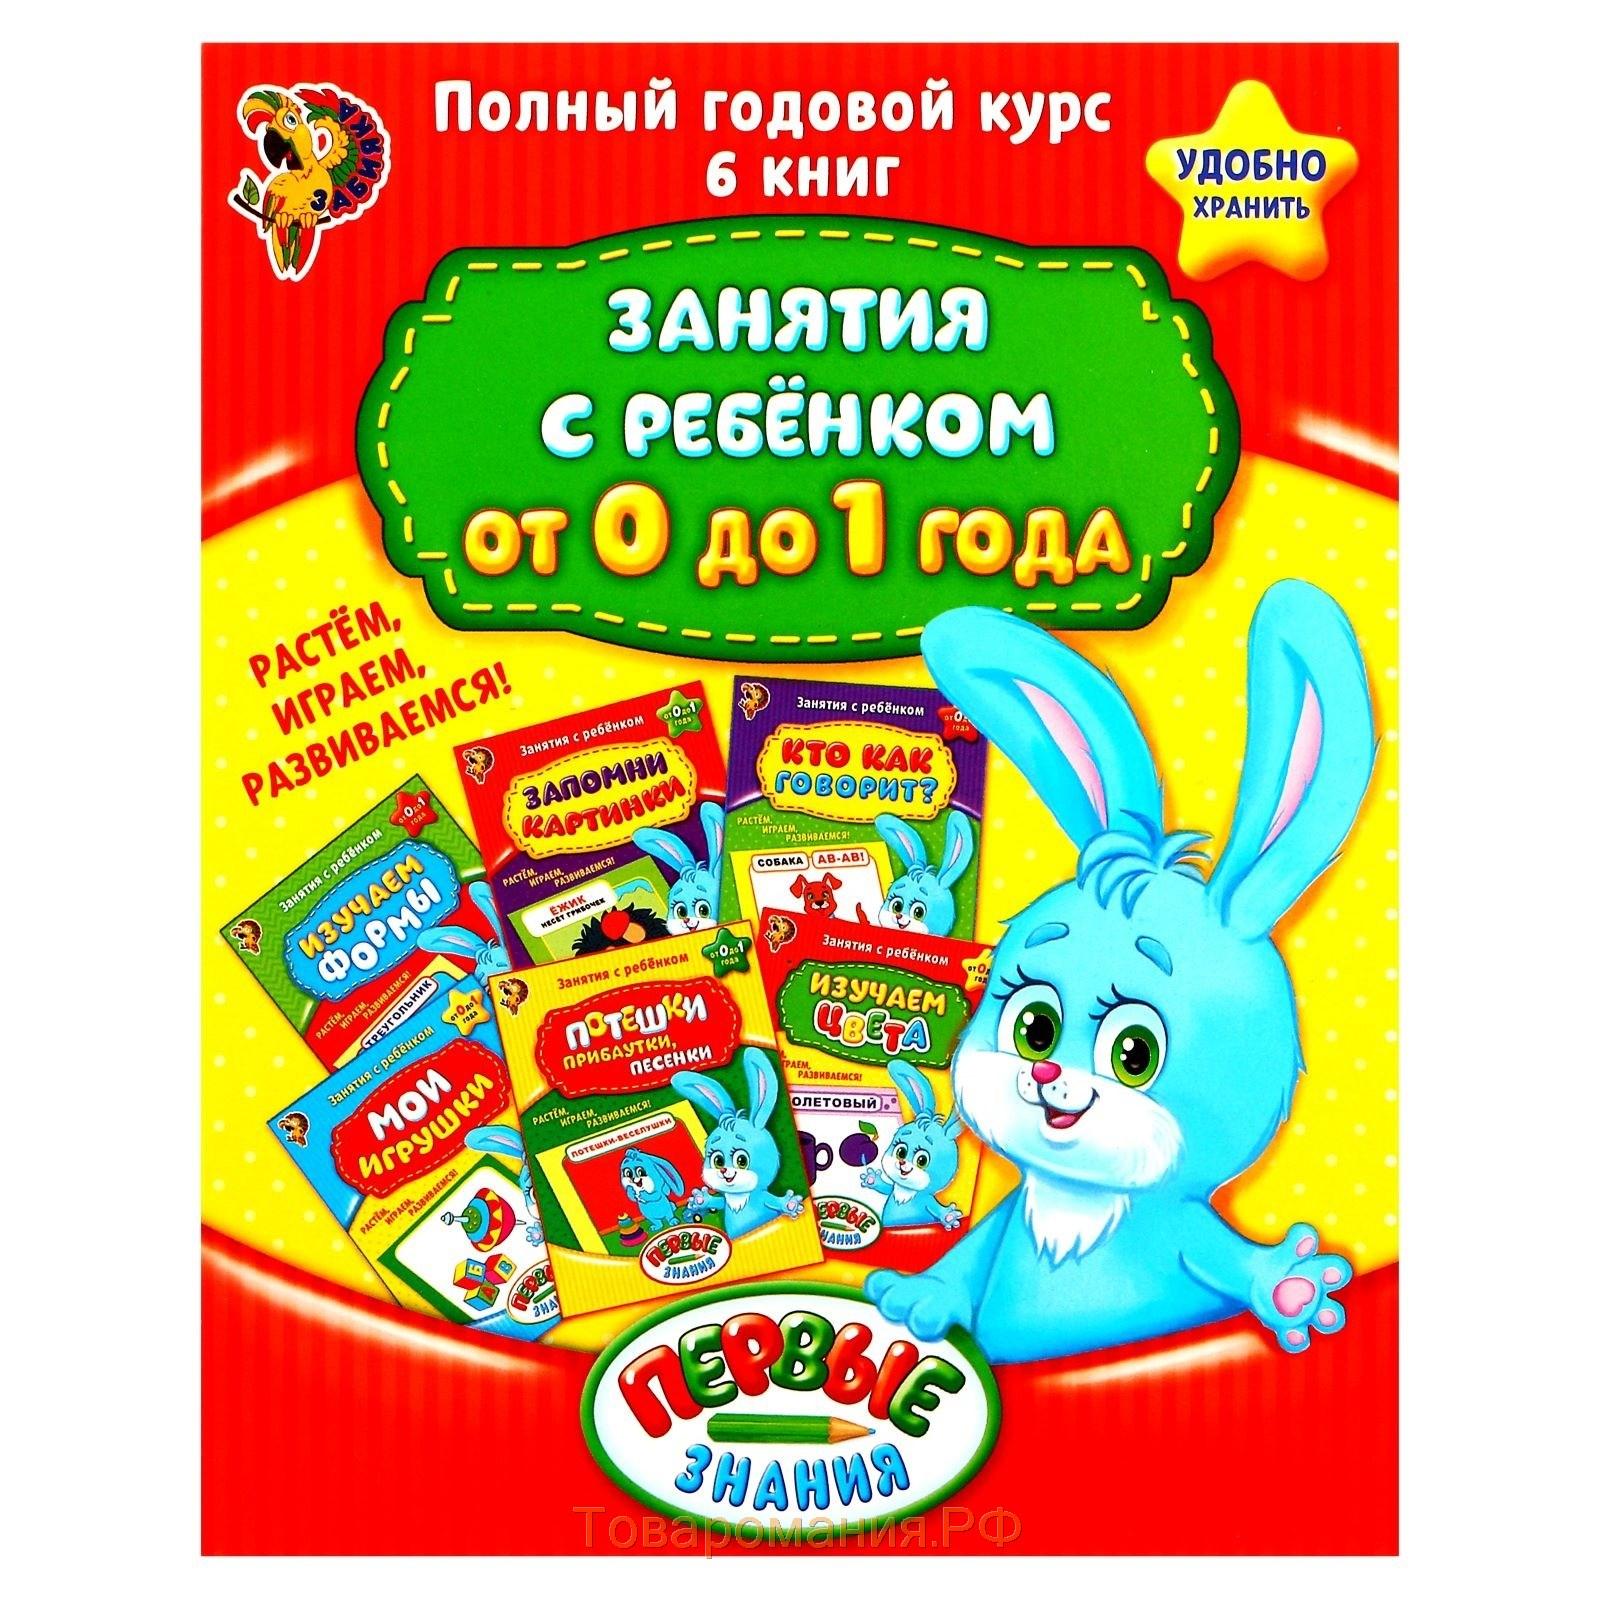 книги для детей от 0 до 3 лет мифы стереотипы, качественное